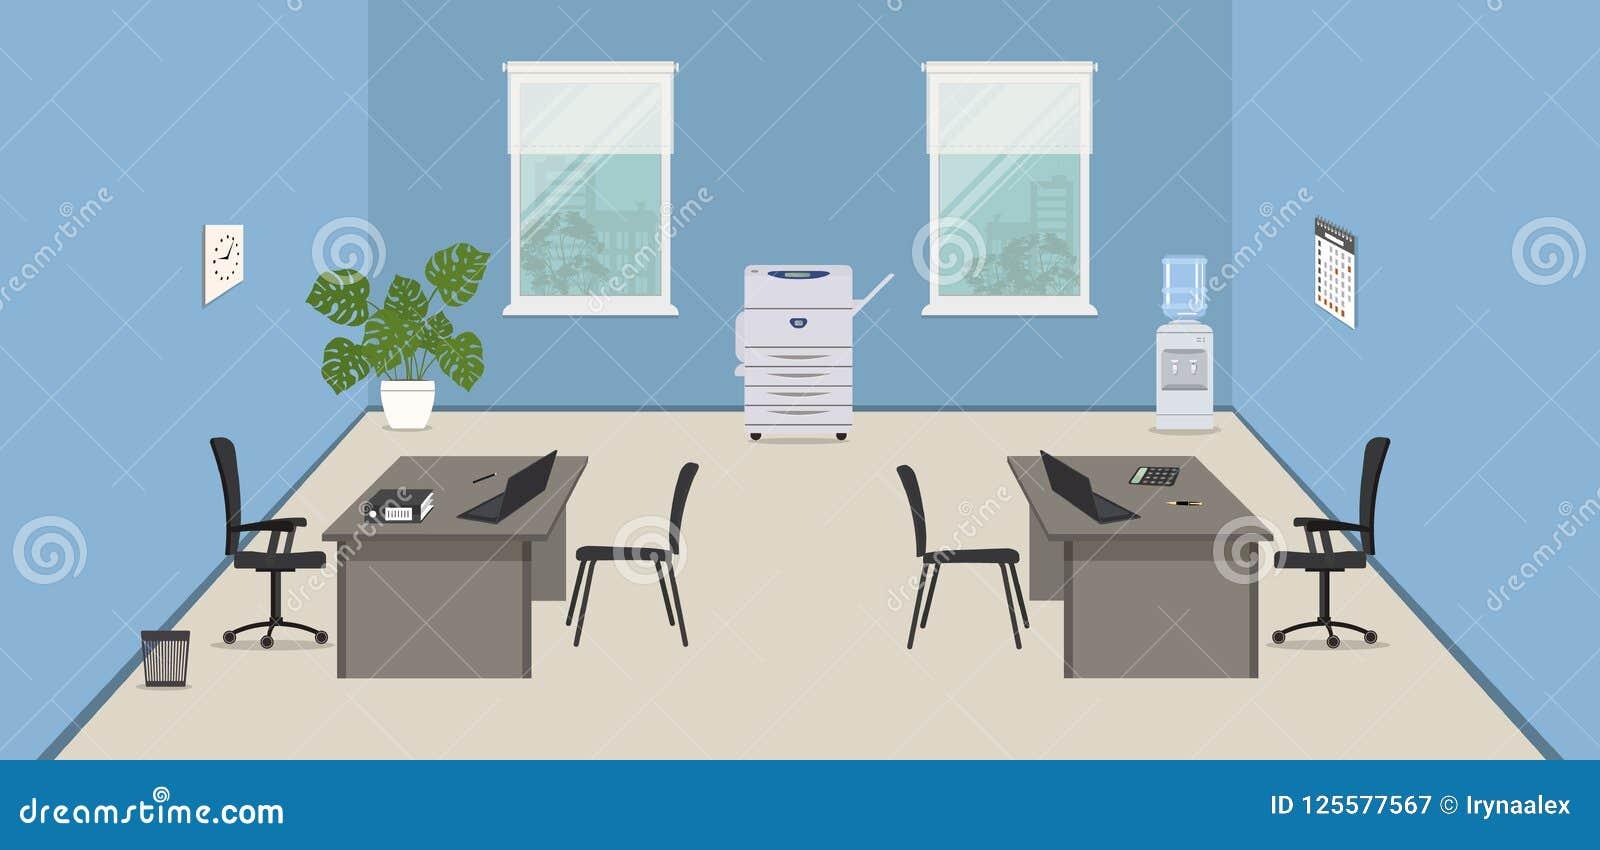 Blauer Büroraum mit grauen Schreibtischen, schwarzen Stühlen, einer Kopienmaschine und einem Wasserspender,